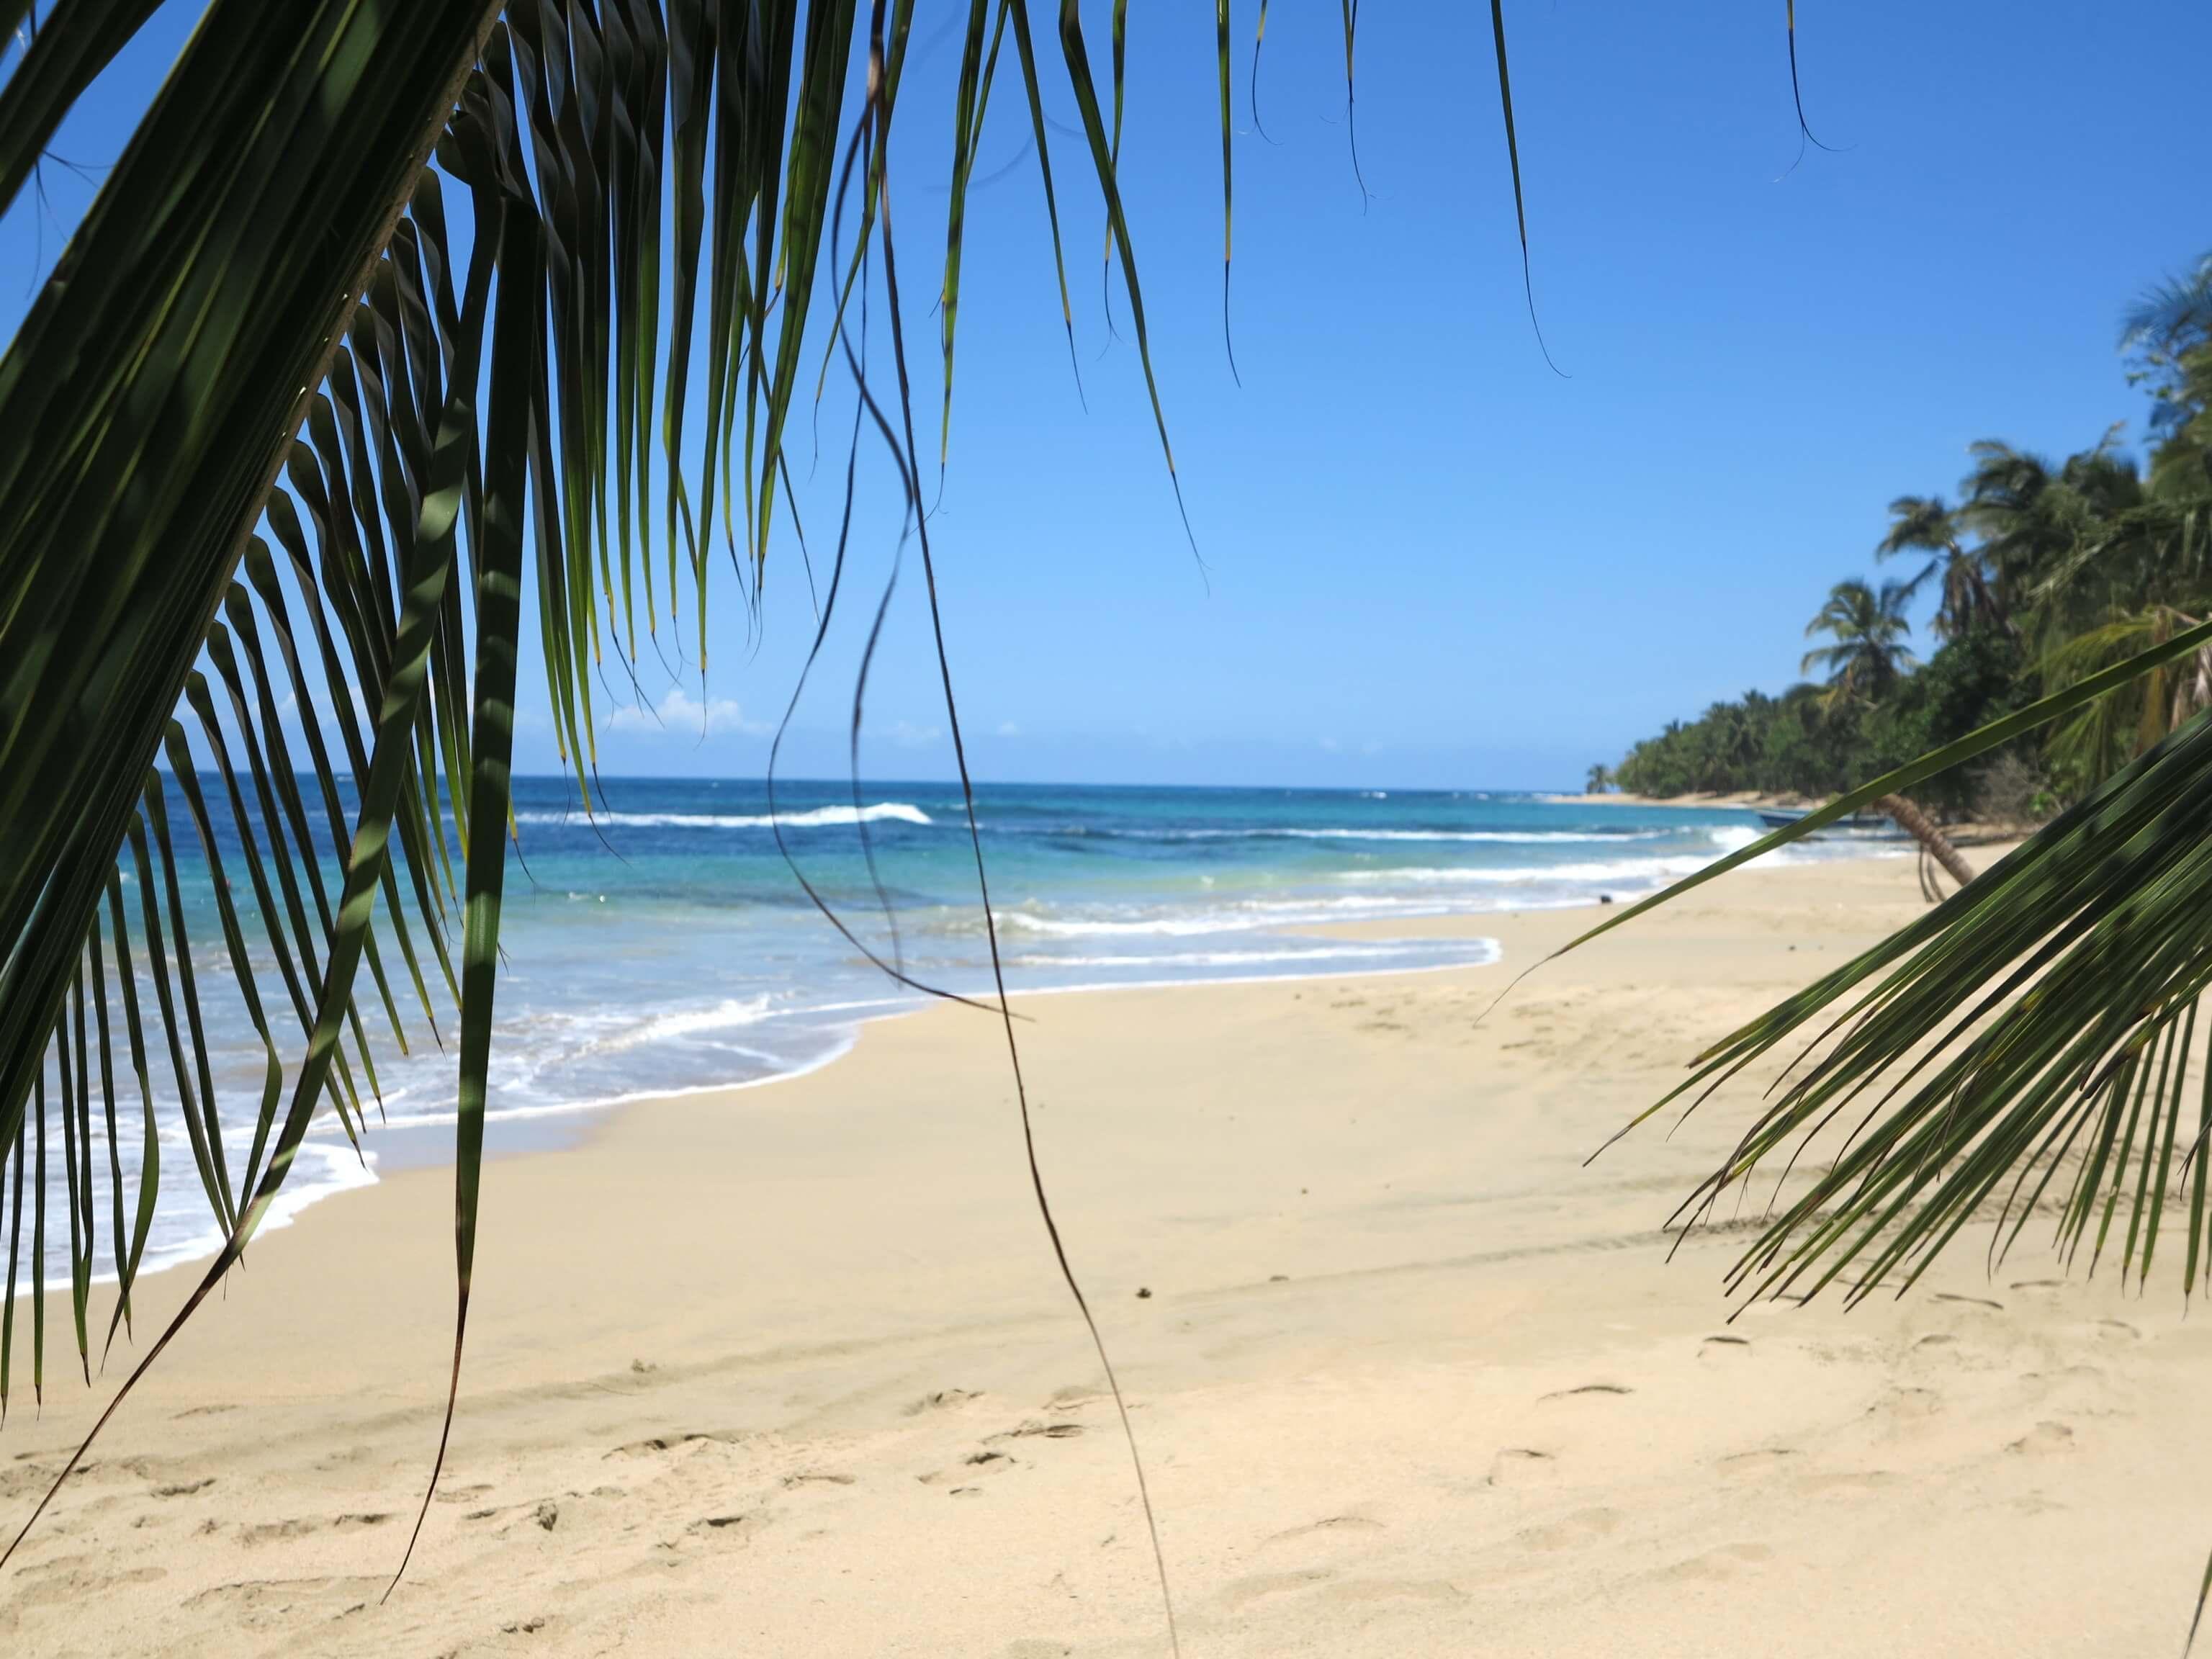 Endlich davon selbst überzeugt - Die Karibik ist ein Traum!